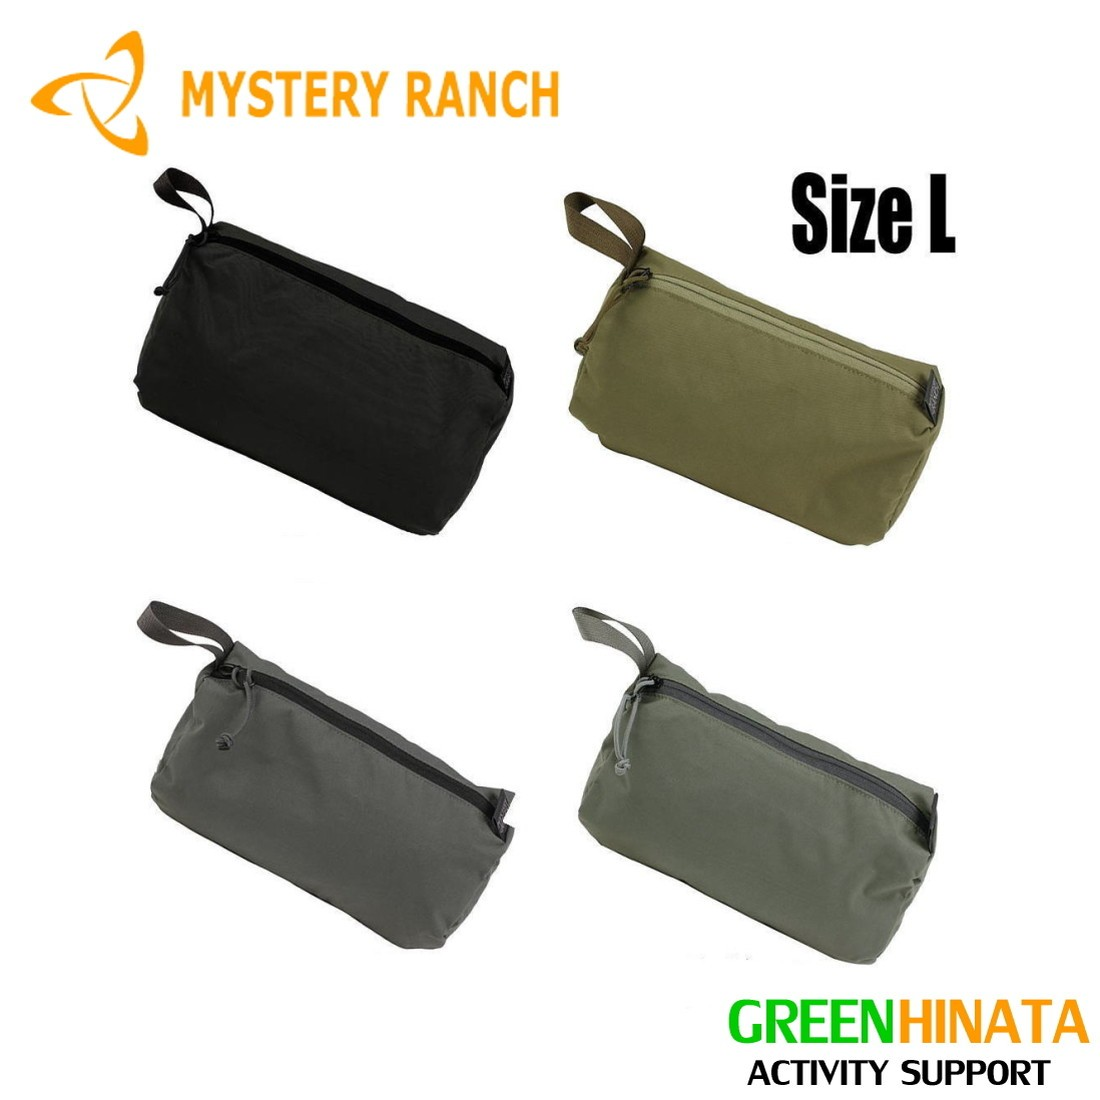 【国内正規品】 ミステリーランチ ゾイドバッグL ポーチ MYSTERY RANCH ZOID BAG L 小物入れ バッグ